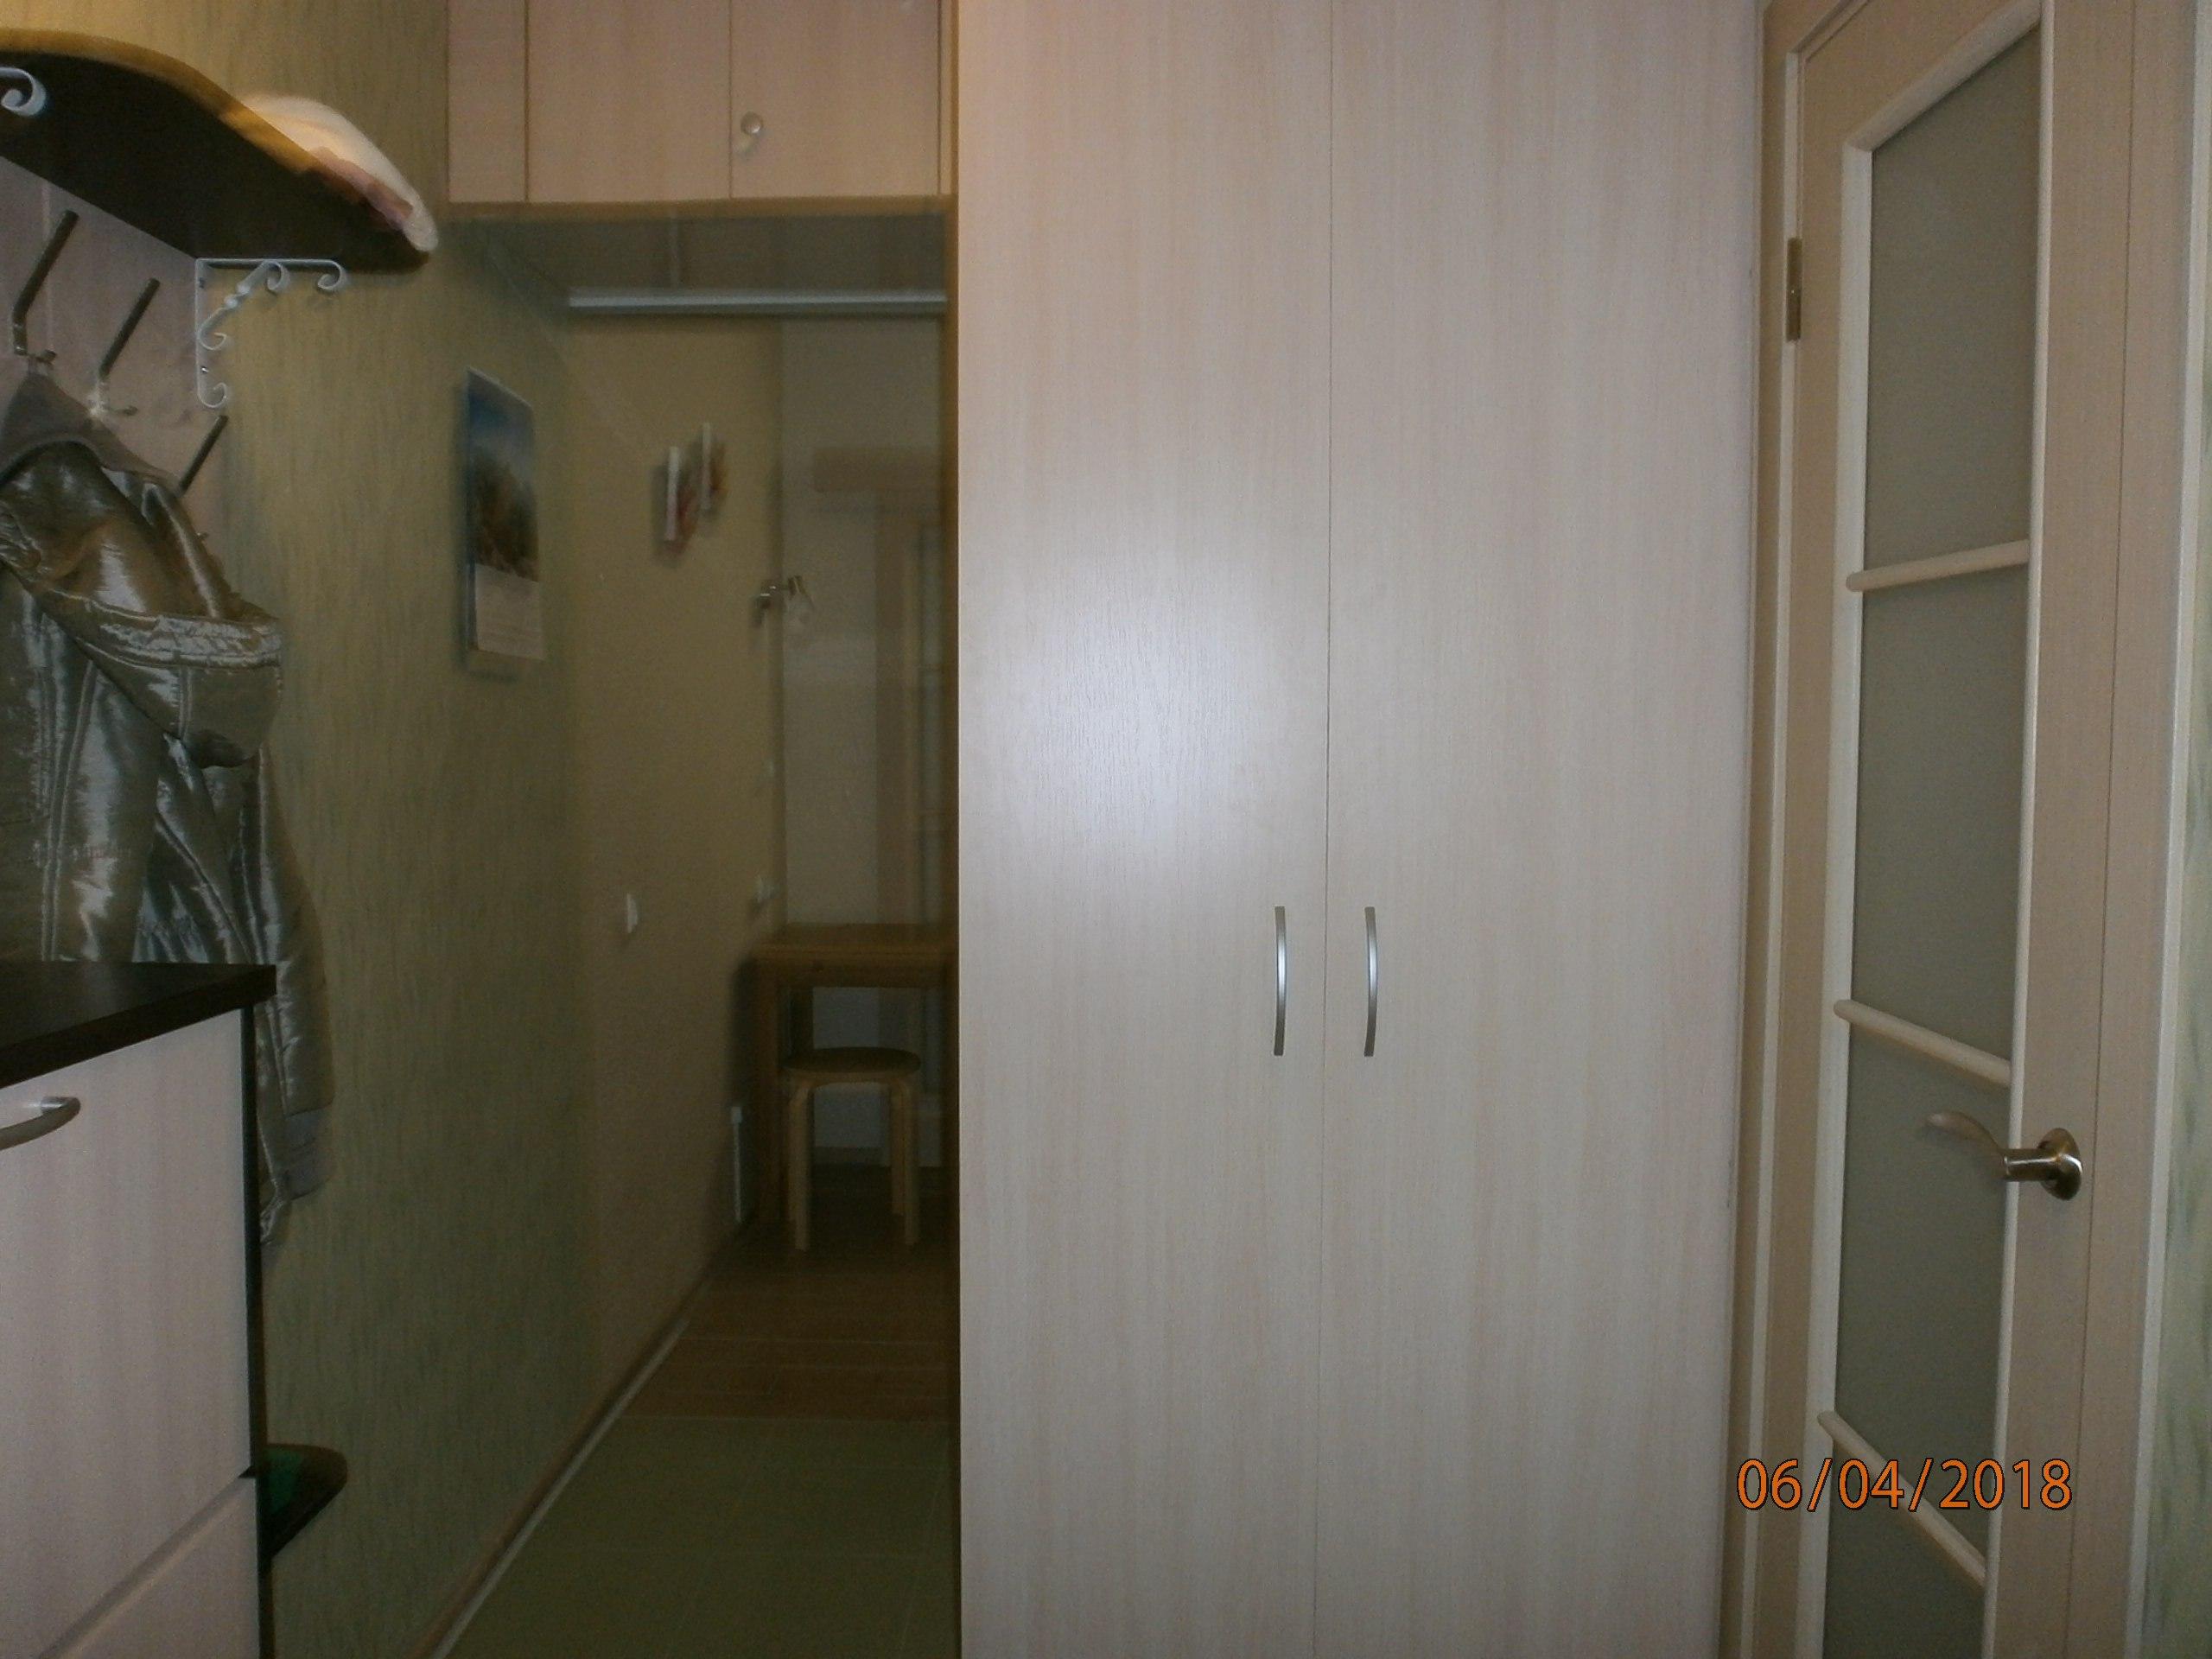 Студия 26 м2 + балкон 3.